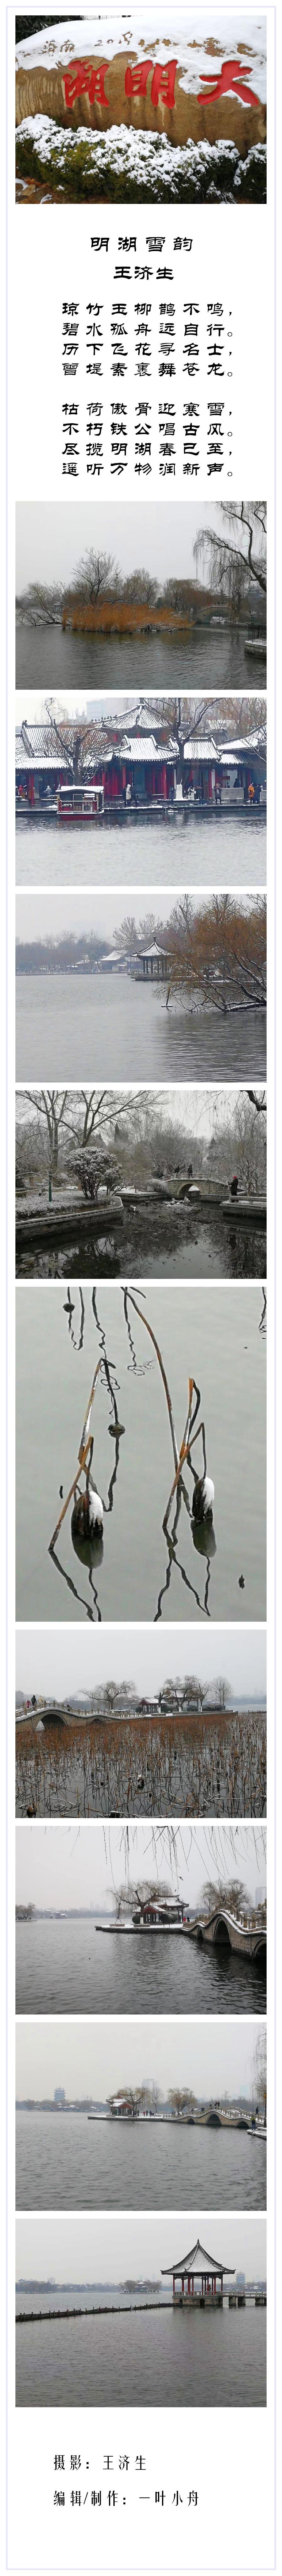 明湖雪韵诗合成